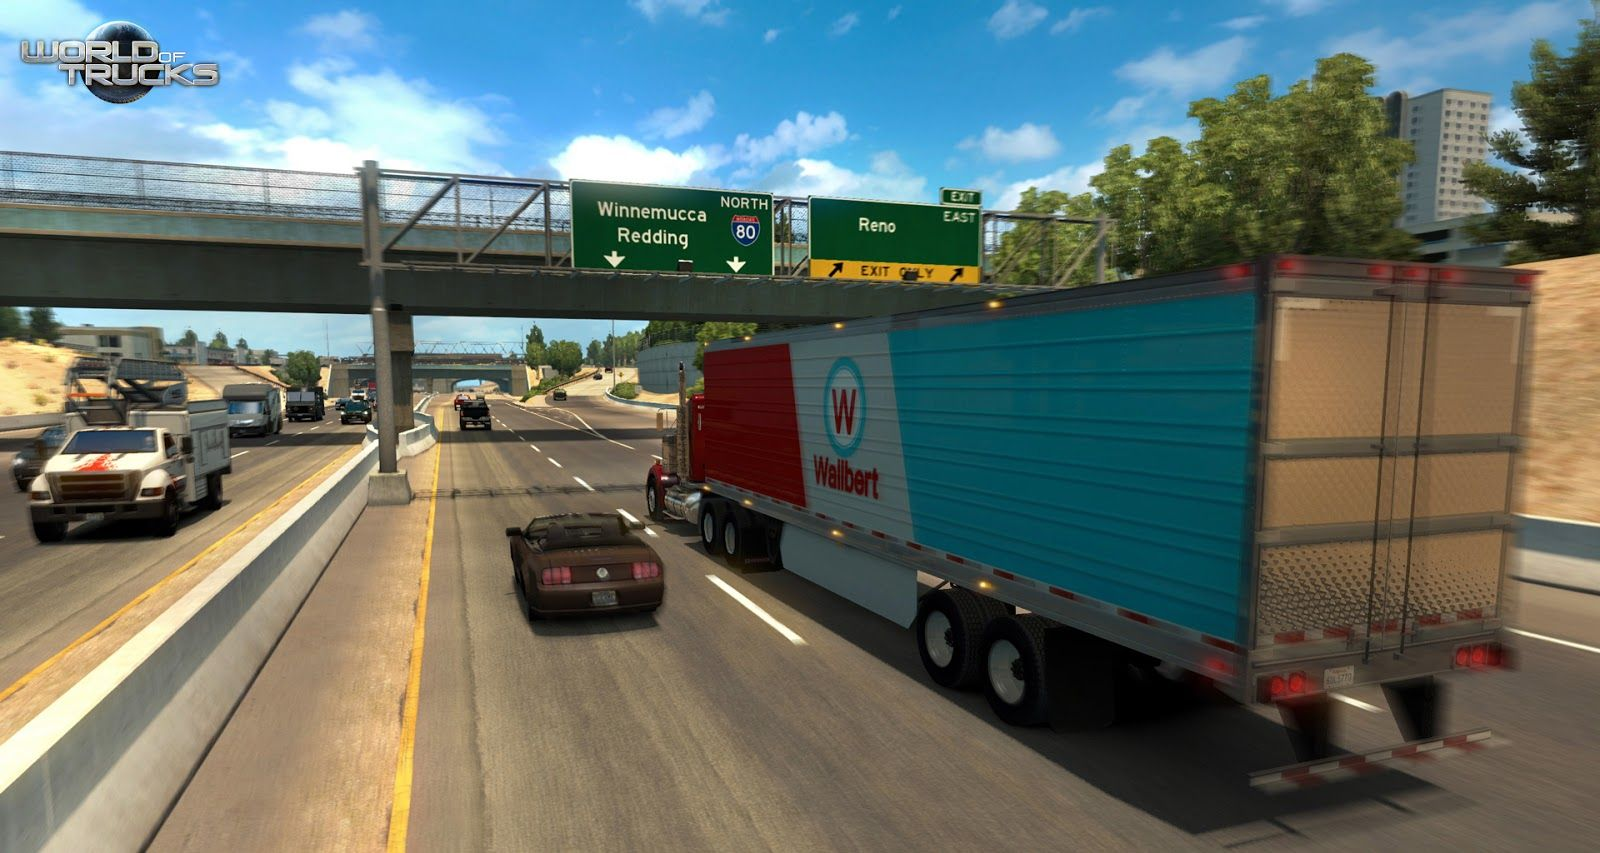 ats_truck_highway